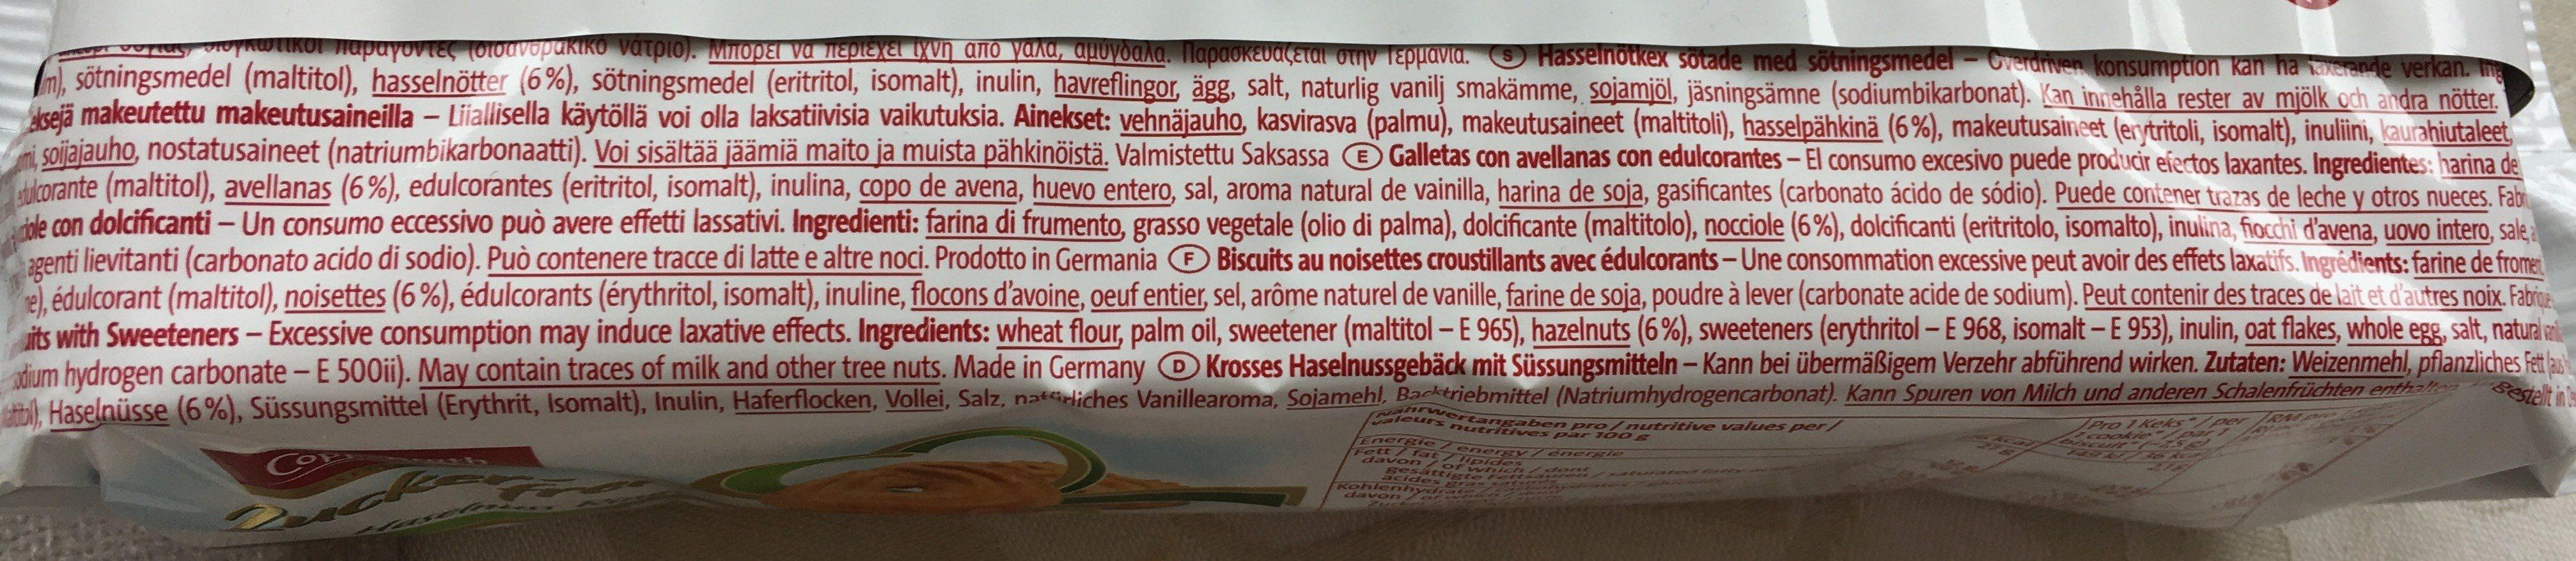 Zuckerfrei Haselnuss Ringe - Ingredienti - fr